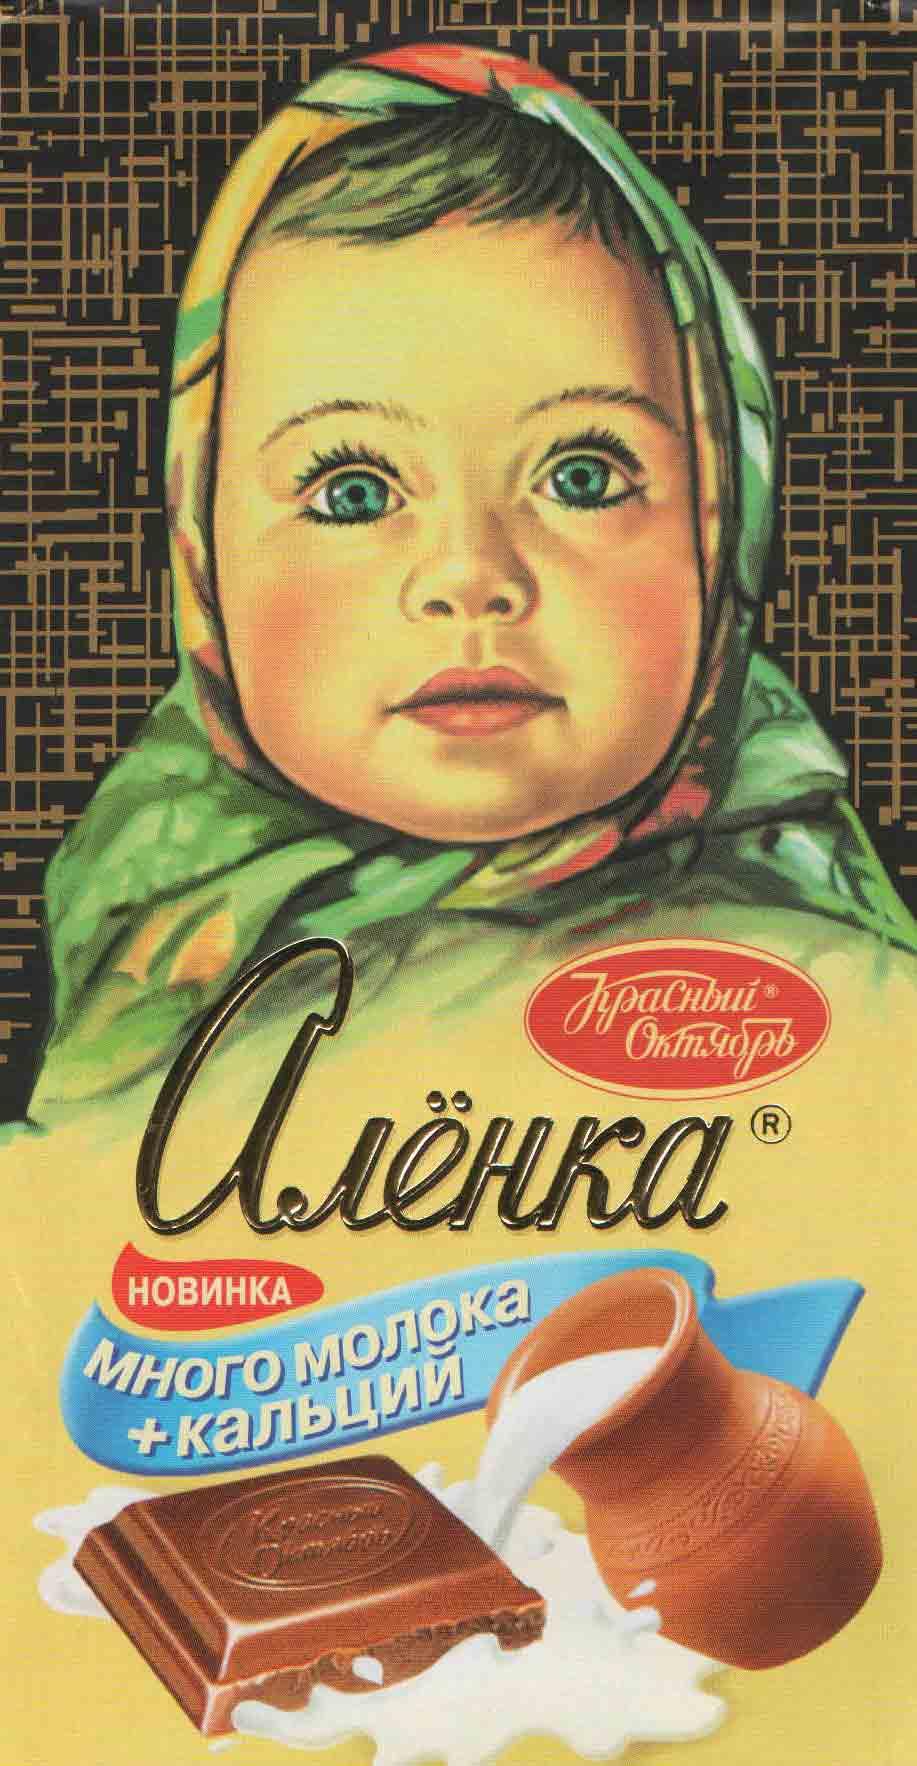 Шлюхи иваново молочный шоколад 5 фотография